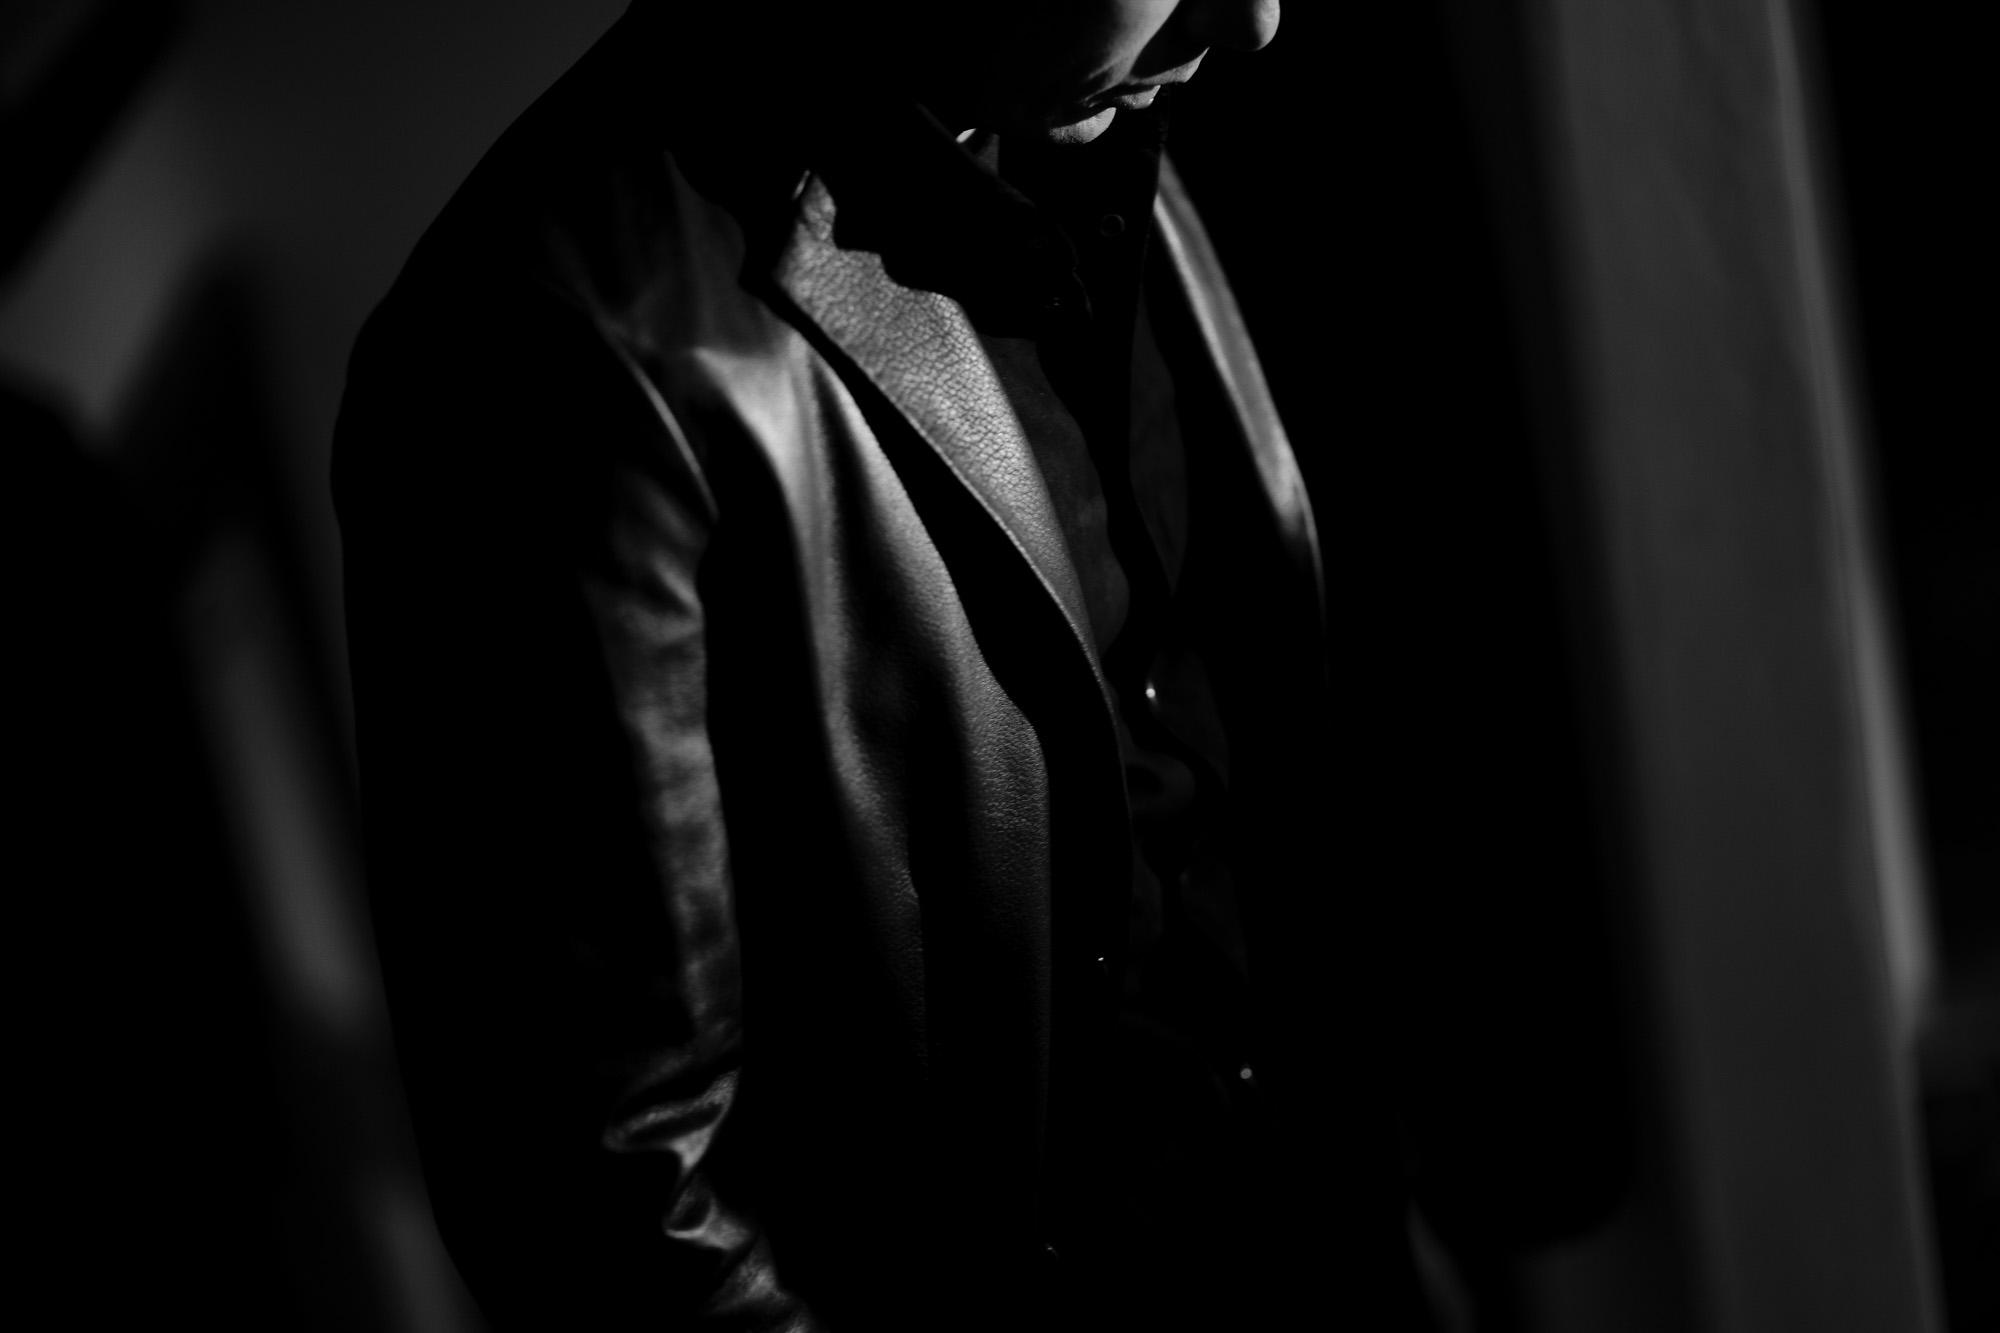 Cuervo (クエルボ) Satisfaction Leather Collection (サティスファクション レザー コレクション) LEON (レオン) BUFFALO LEATHER (バッファロー レザー) シングル テーラード ジャケット BLACK (ブラック) MADE IN JAPAN (日本製) 2019 秋冬 【ご予約開始】 愛知 名古屋 altoediritto アルトエデリット